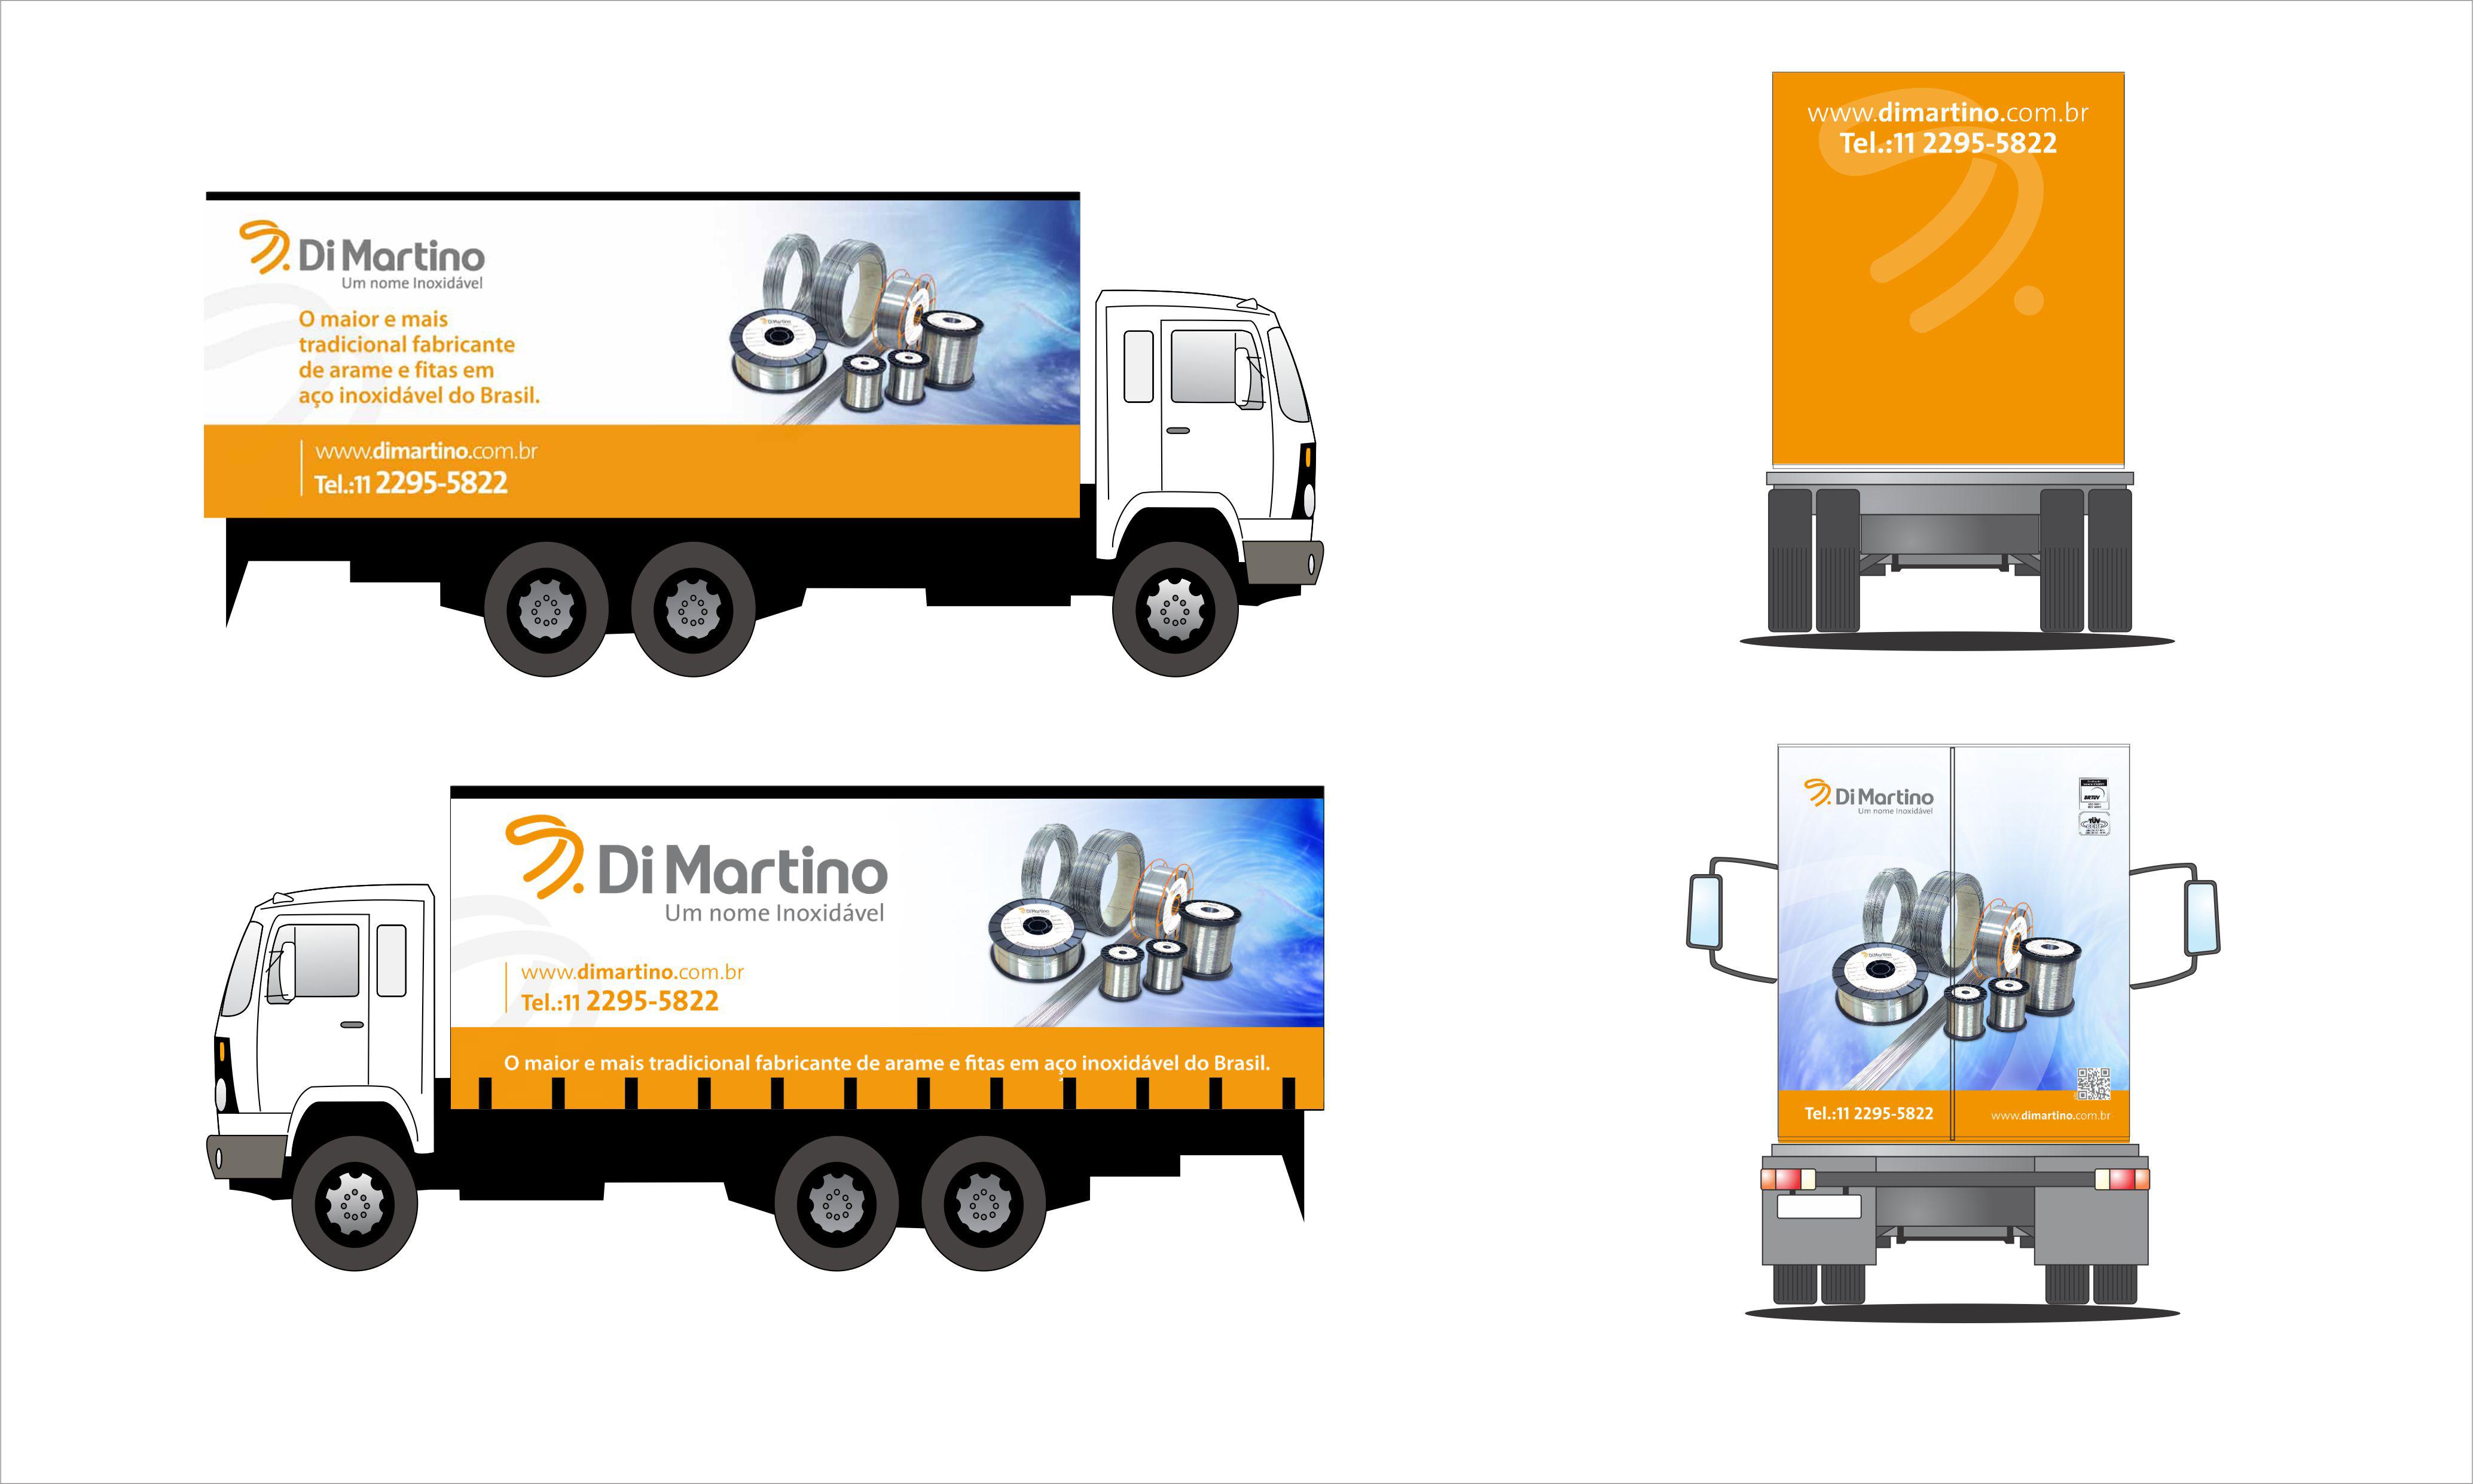 Babenko agencia de publicidade - Adesivacao Veiculos Empresa Frota - Identidade visual - Caminhao Di Martino v1